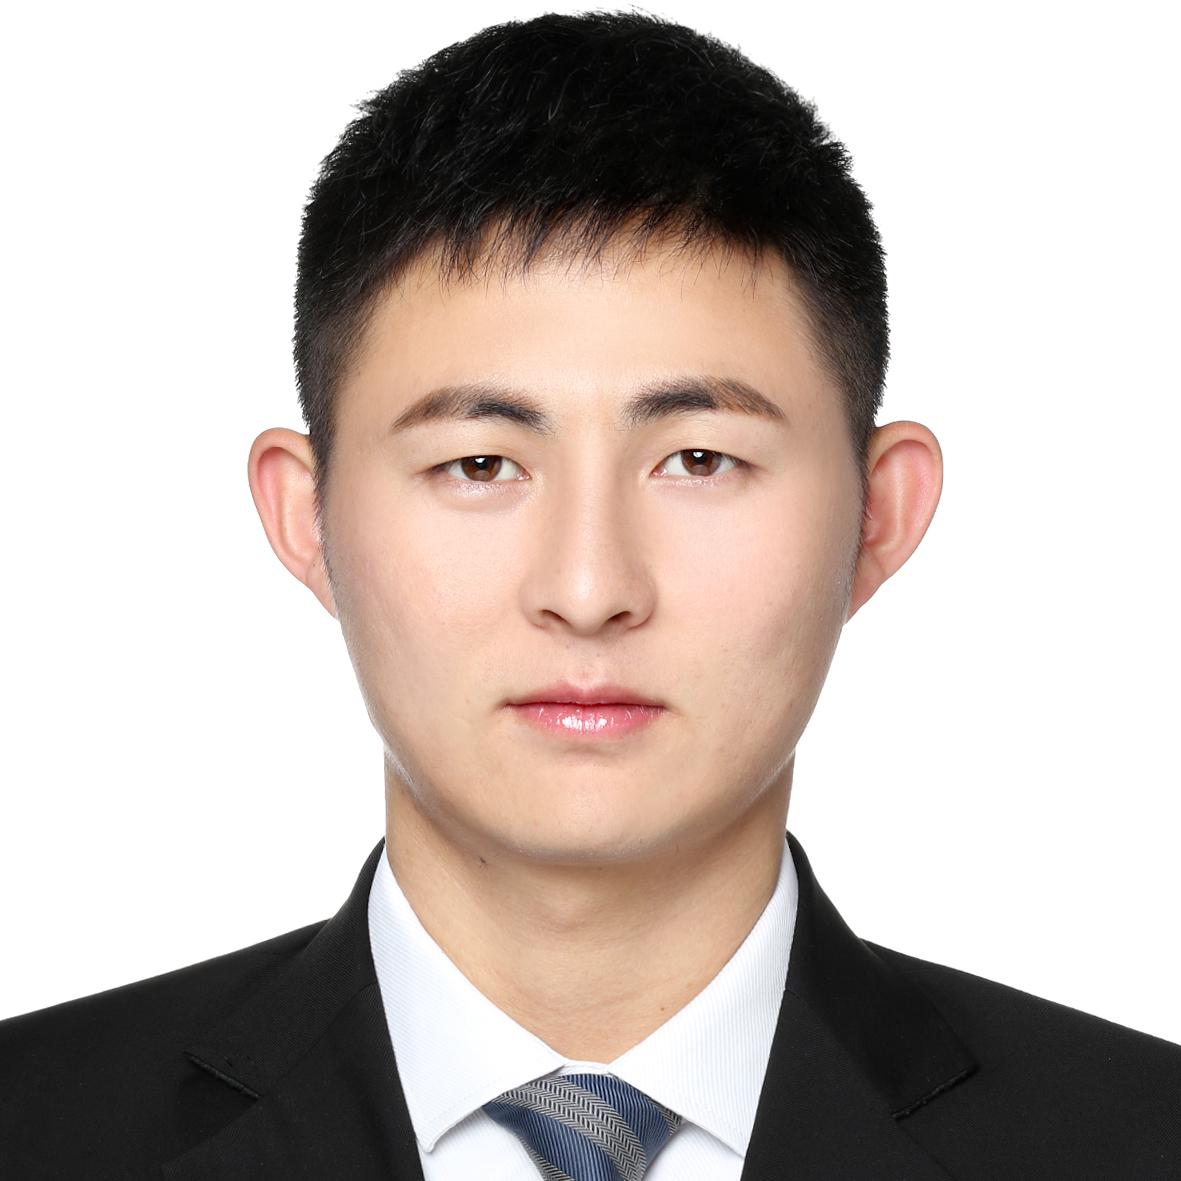 上海家教铁老师